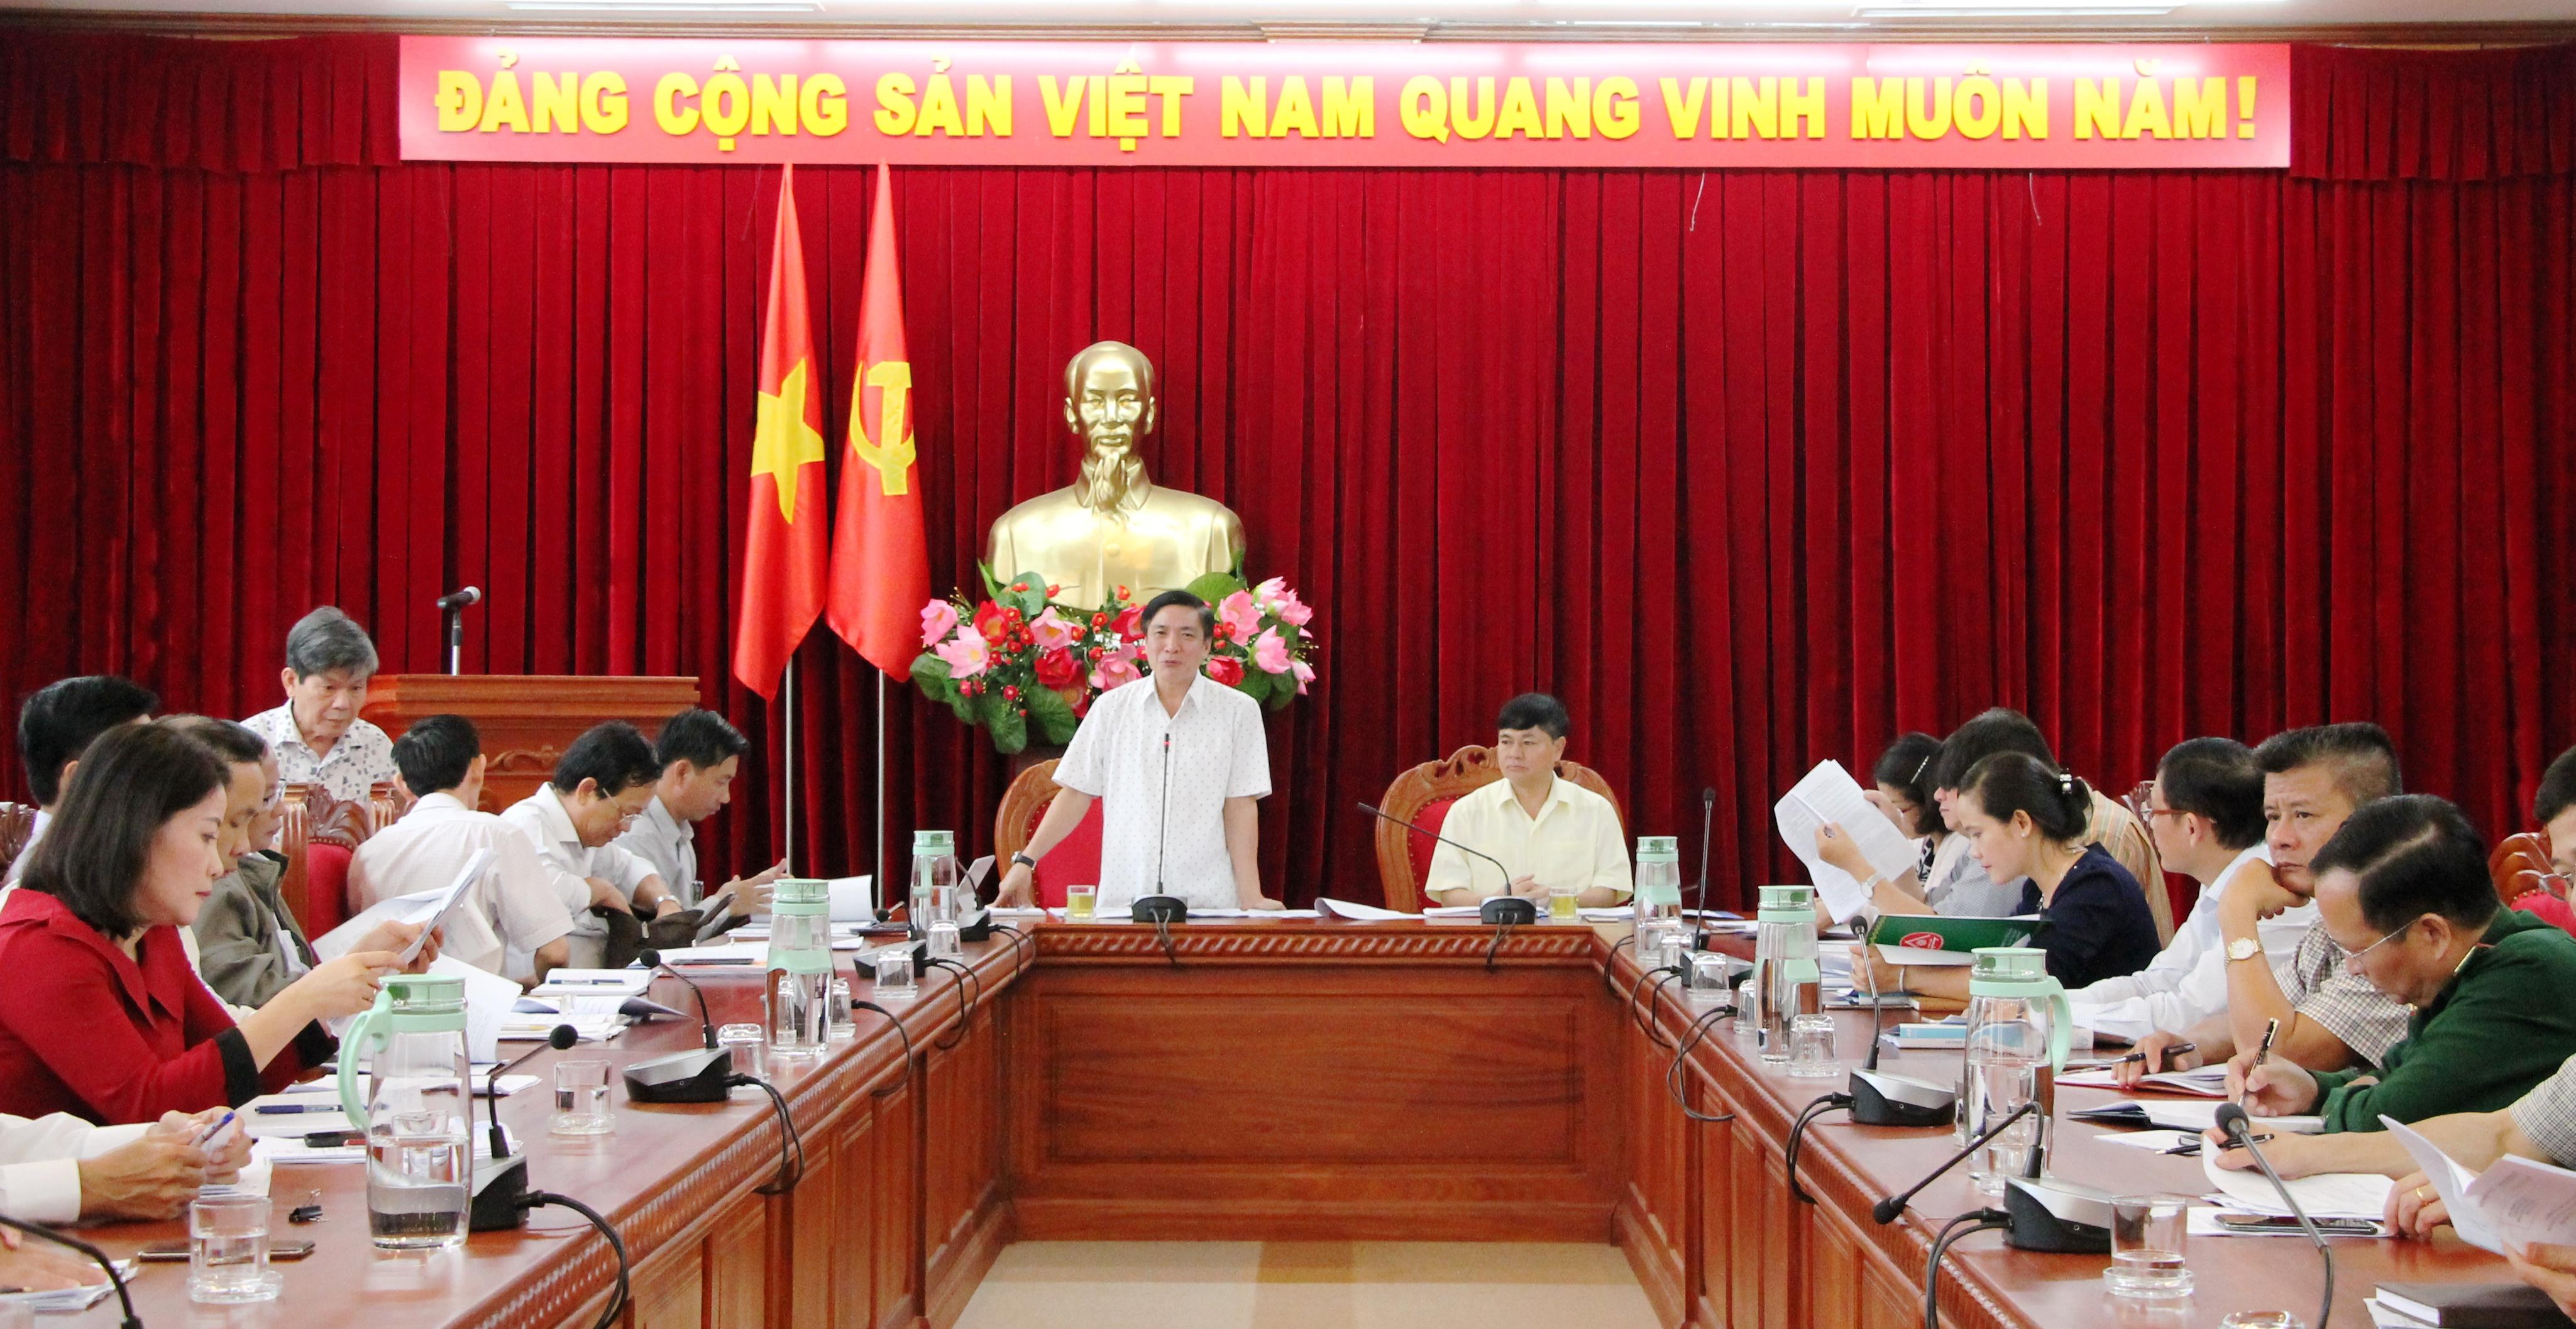 Họp góp ý đề cương Báo cáo chính trị Đại hội đại biểu Đảng bộ tỉnh lần thứ XVII